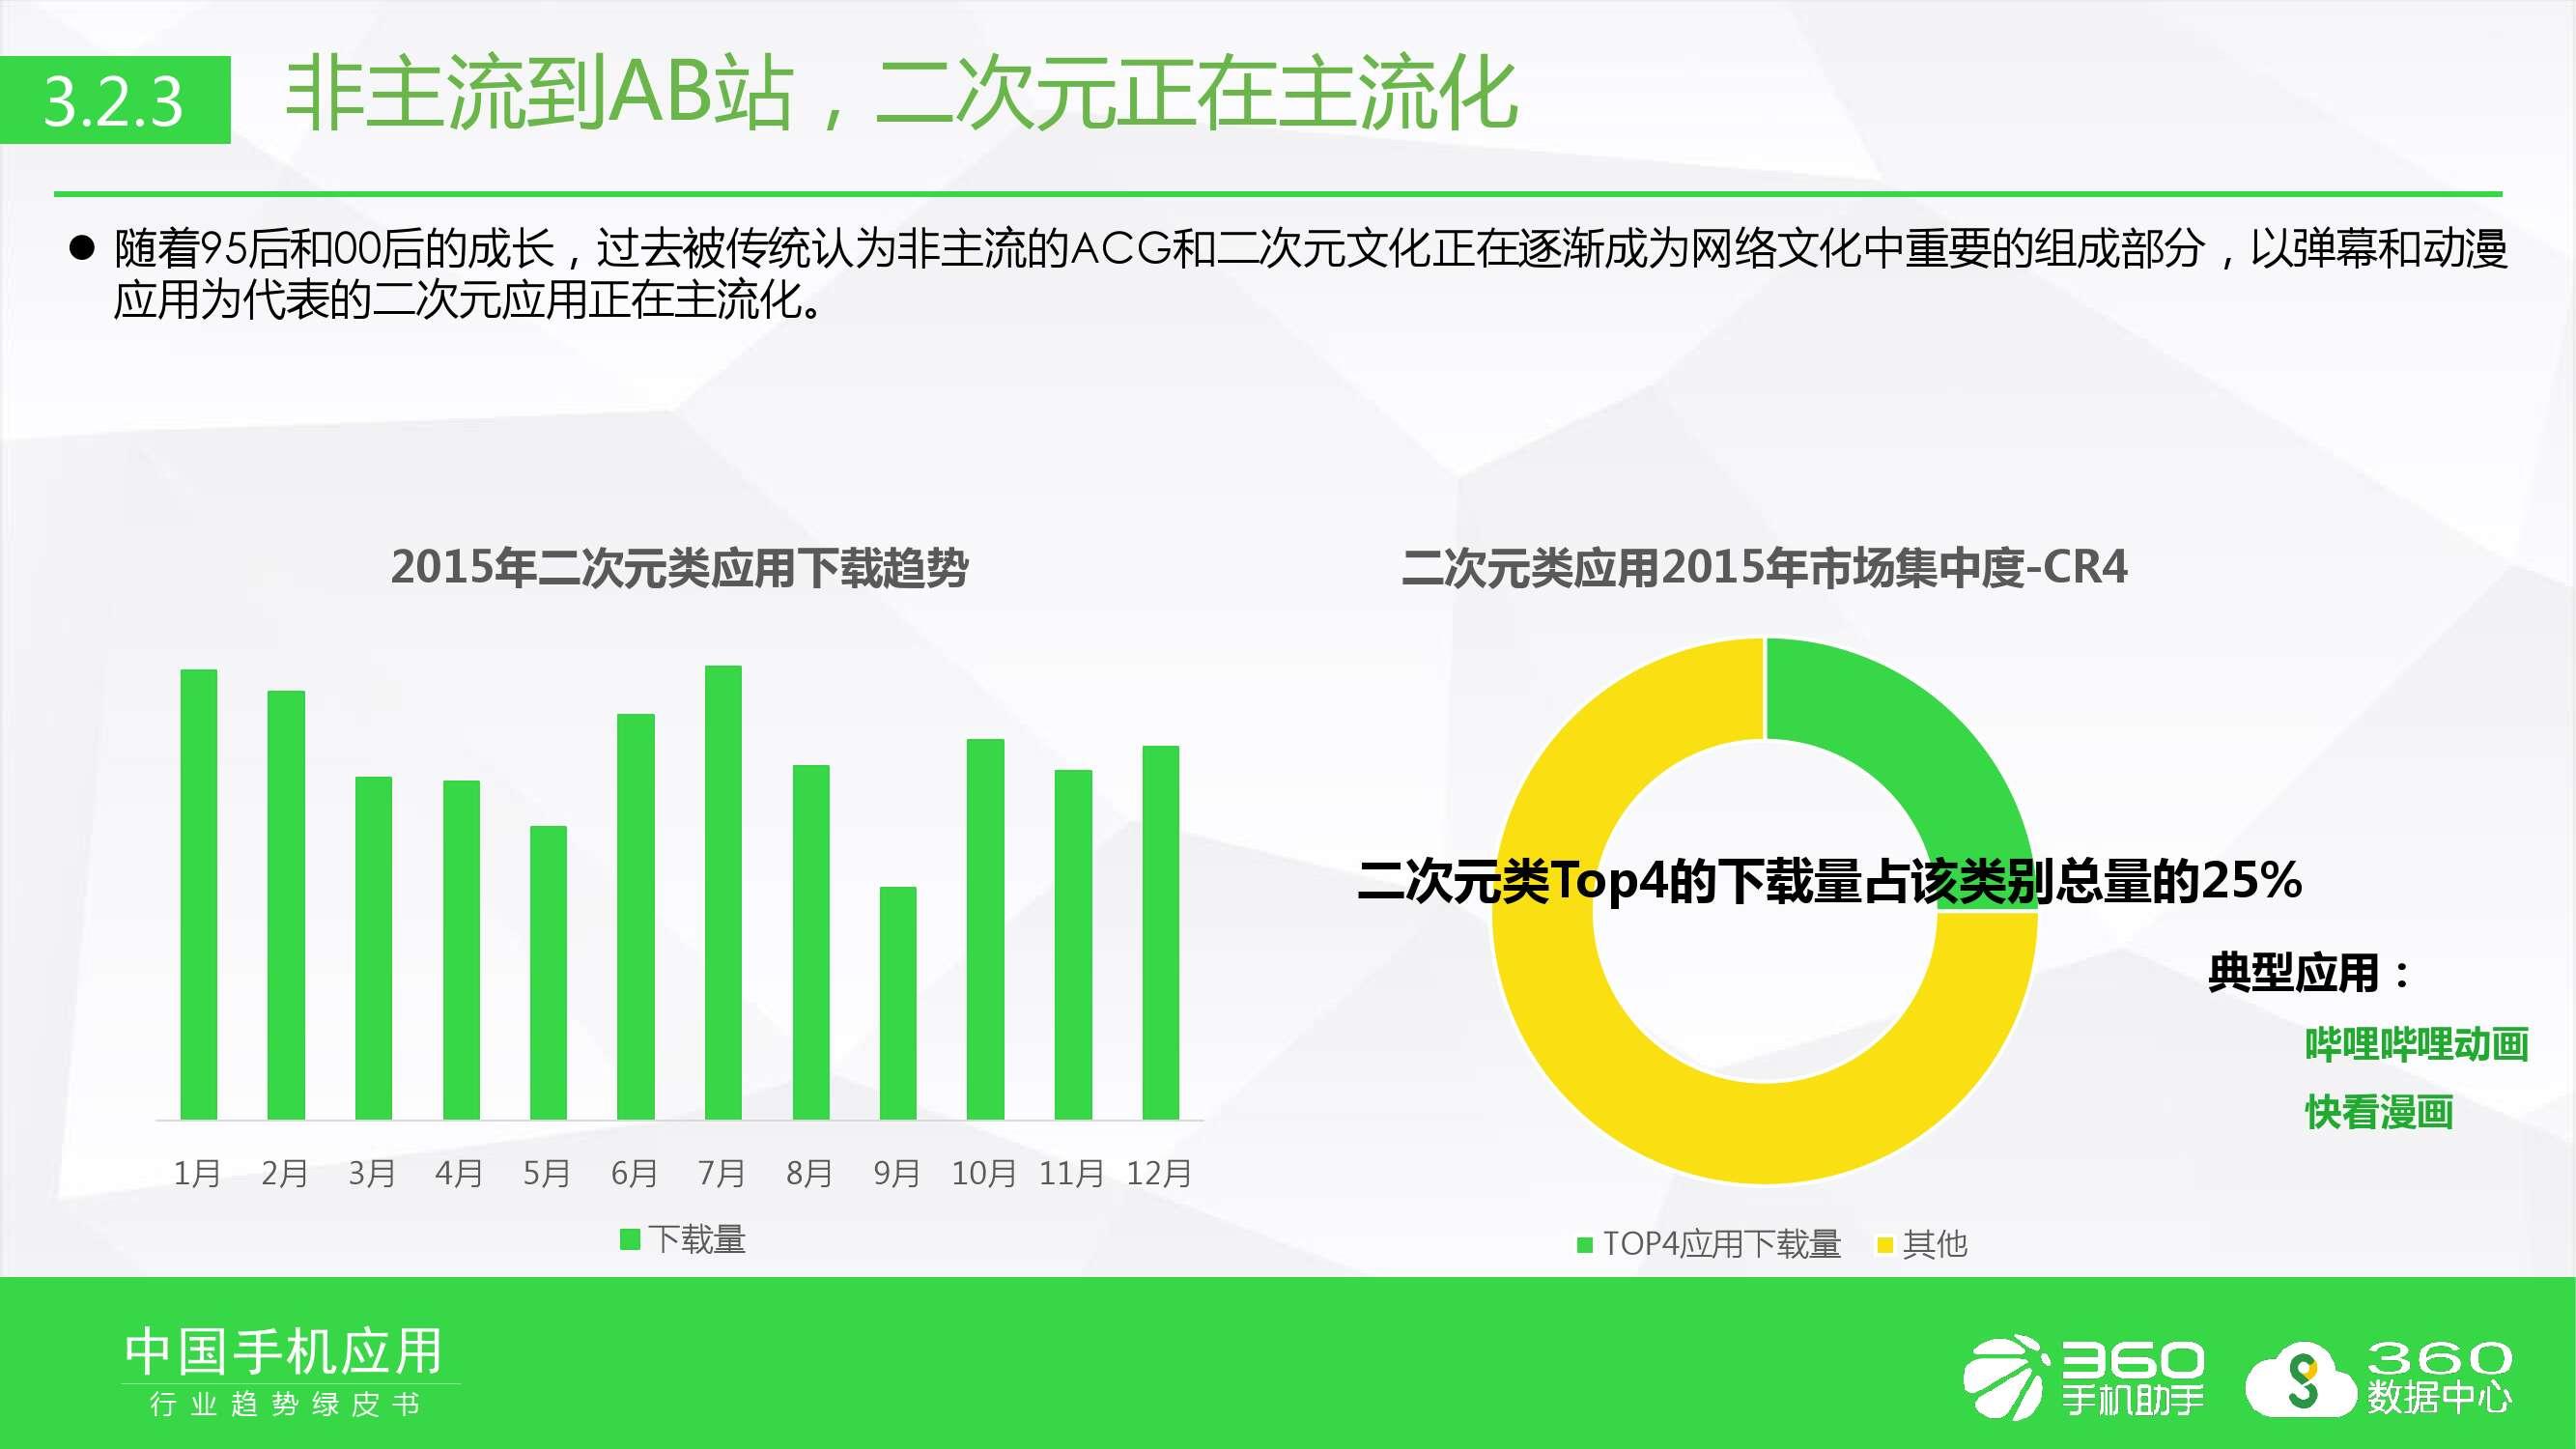 2016年手机软件行业趋势绿皮书_000030